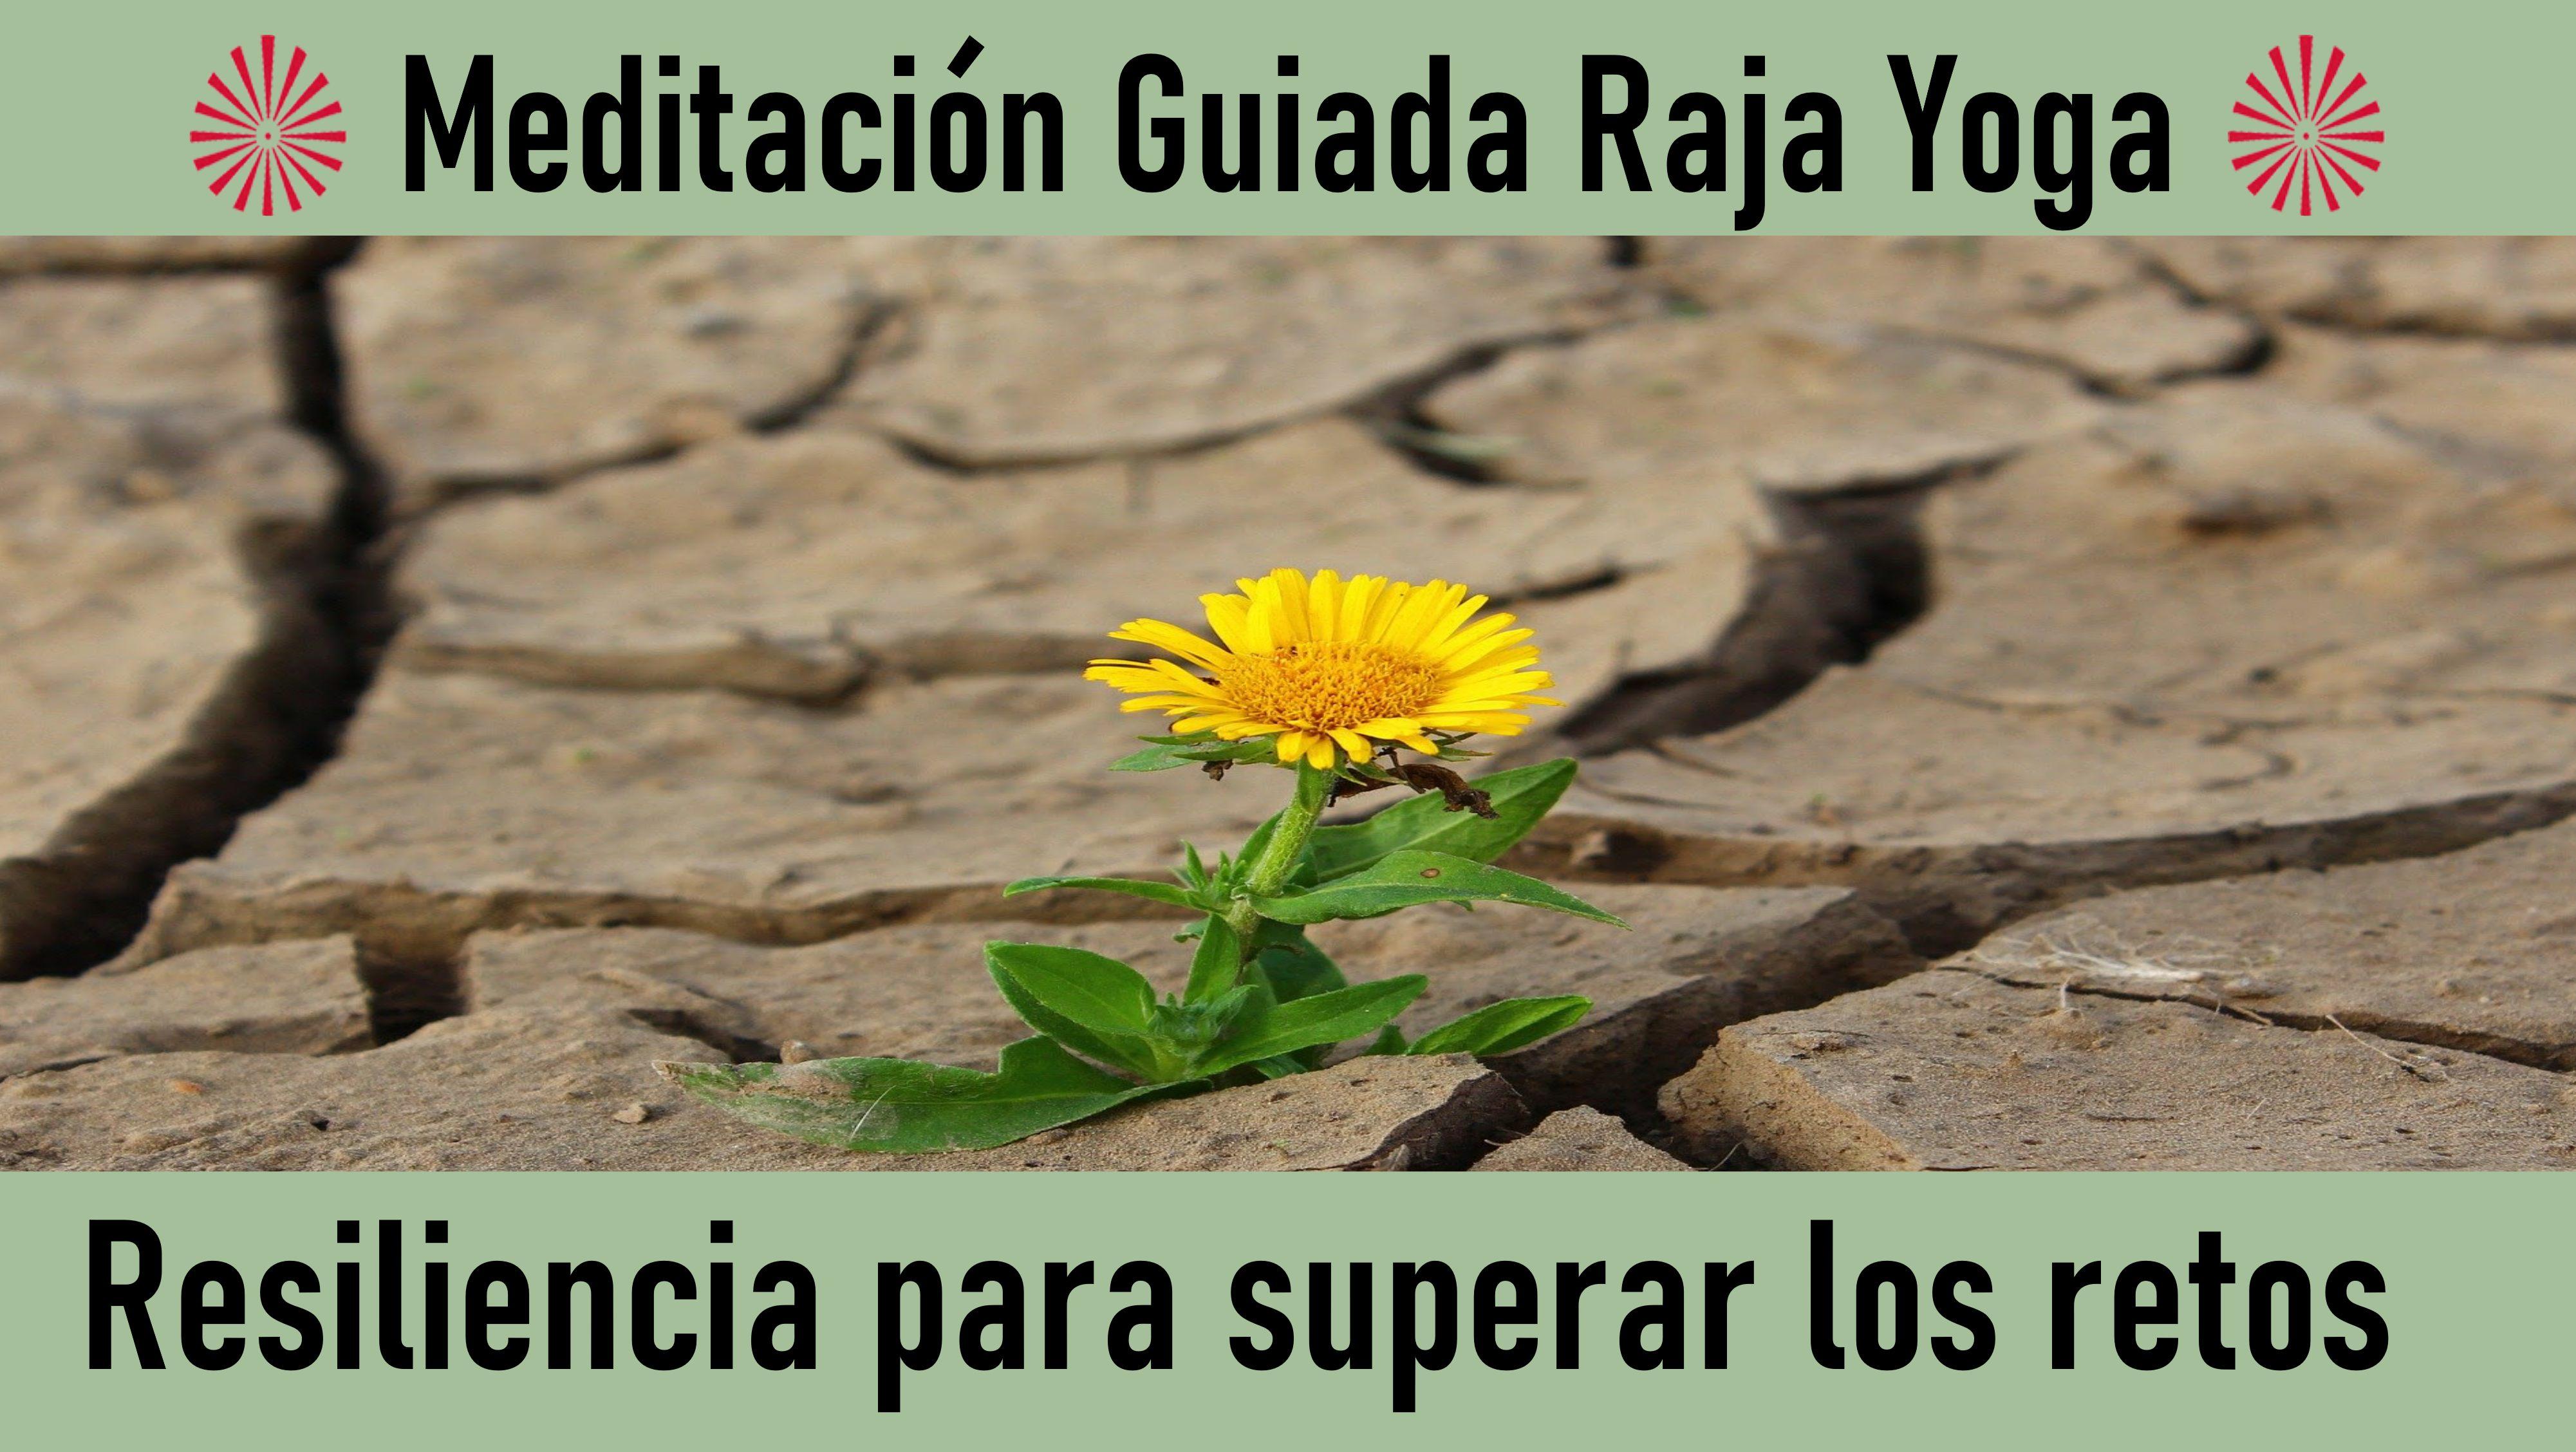 Meditación Raja Yoga: Resiliencia para superar los retos (4 Junio 2020) On-line desde Valencia